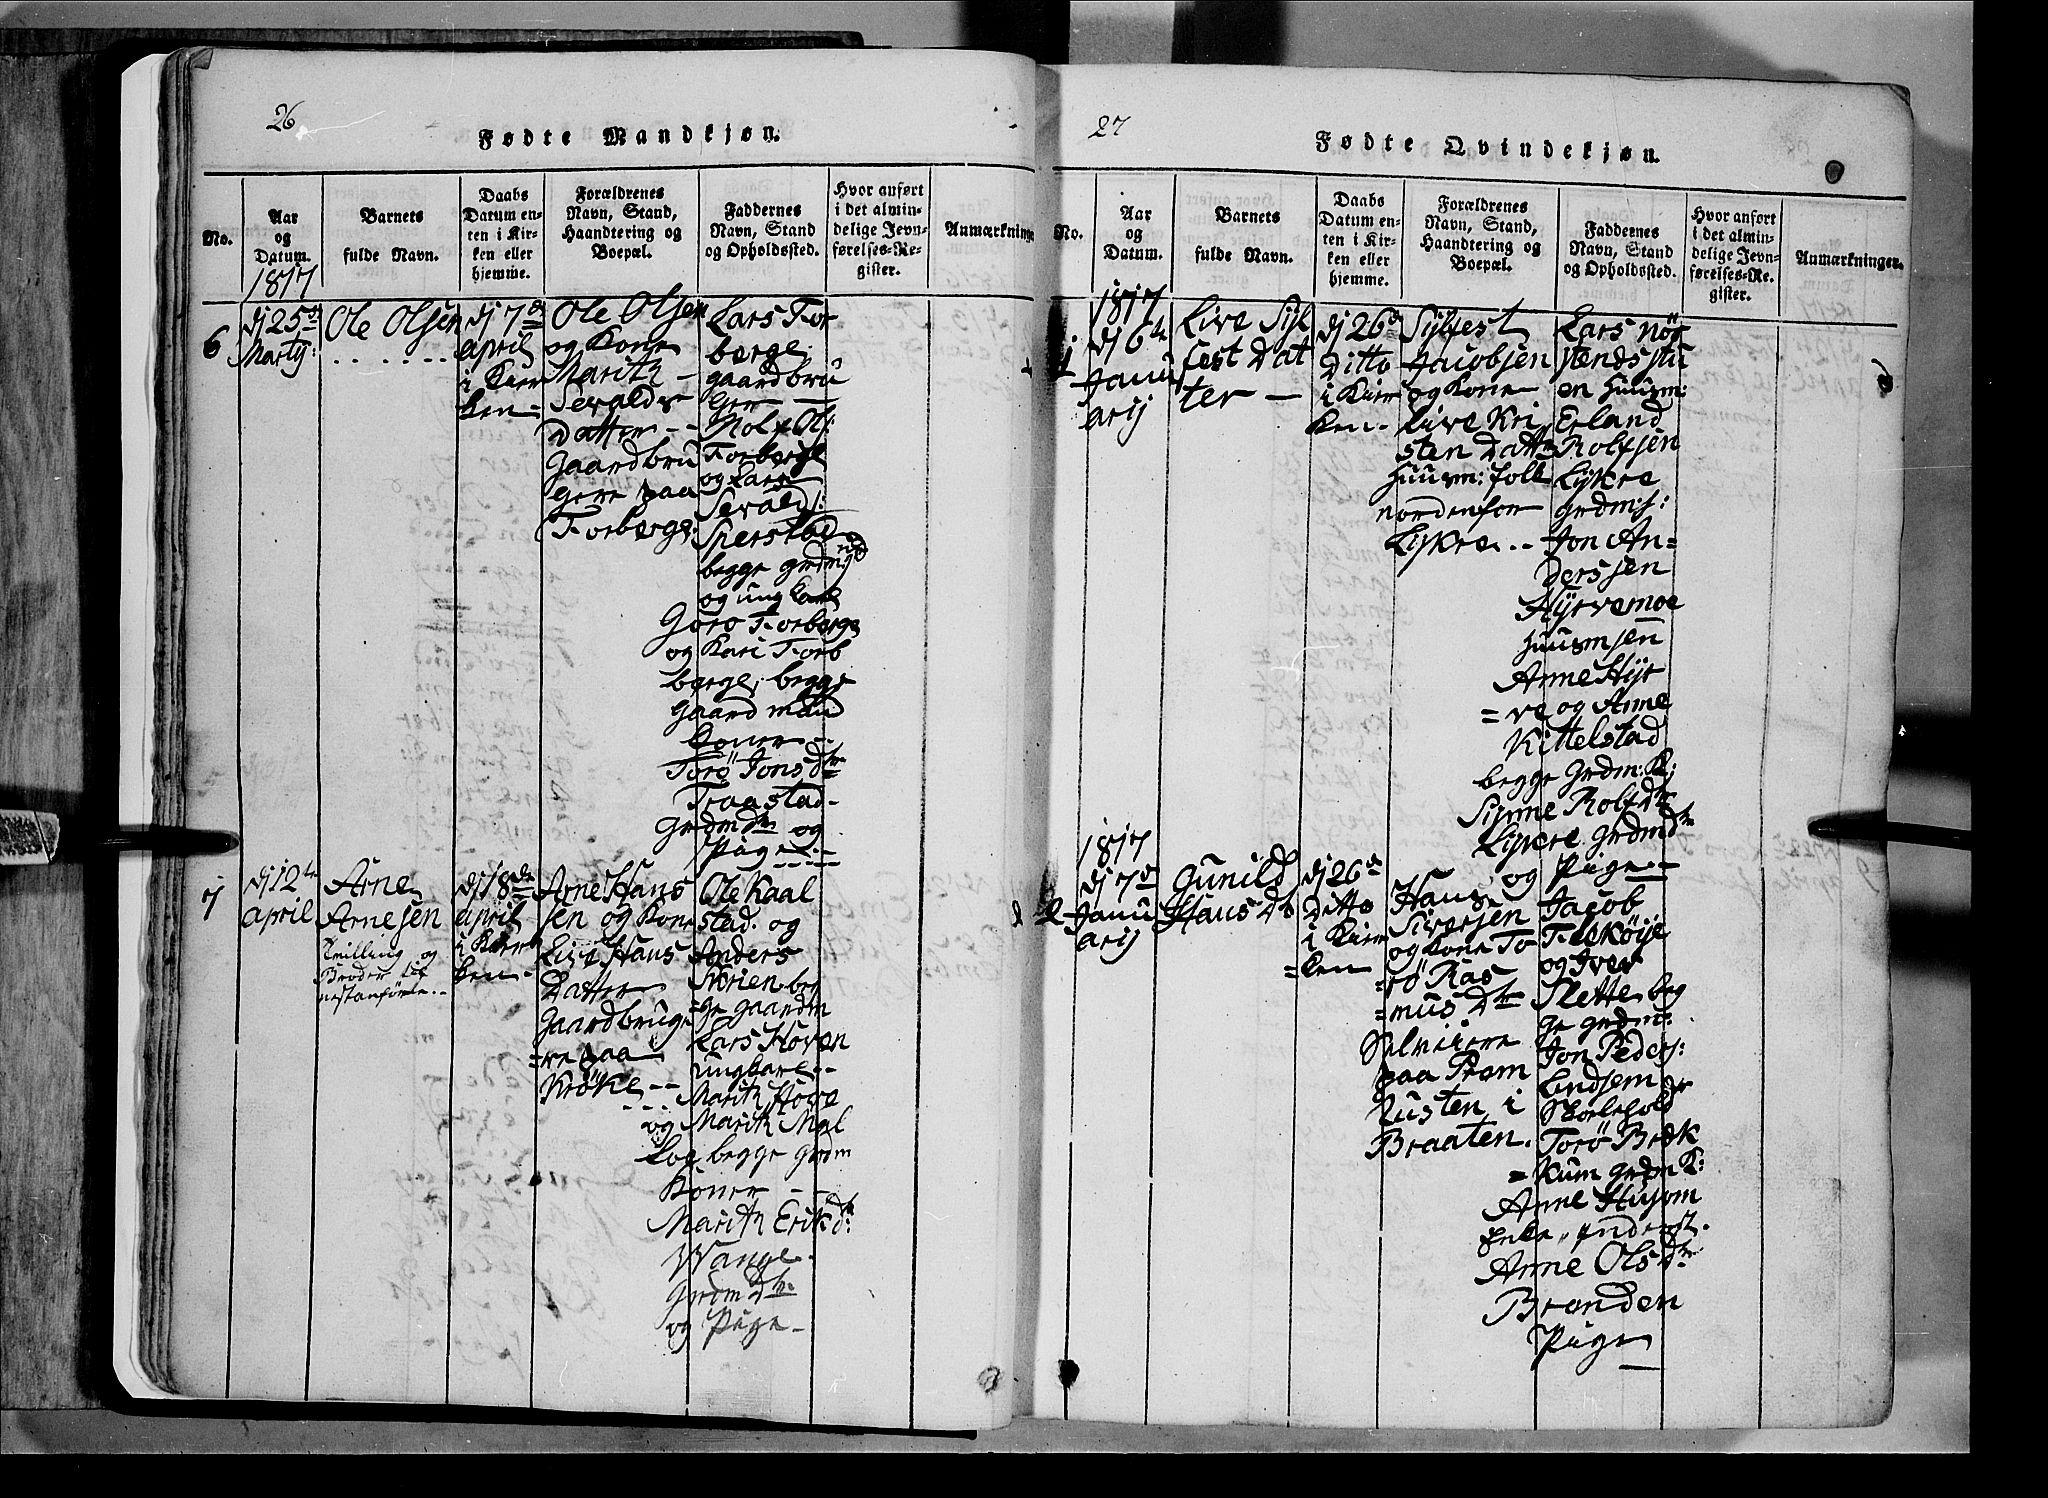 SAH, Lom prestekontor, L/L0003: Klokkerbok nr. 3, 1815-1844, s. 26-27